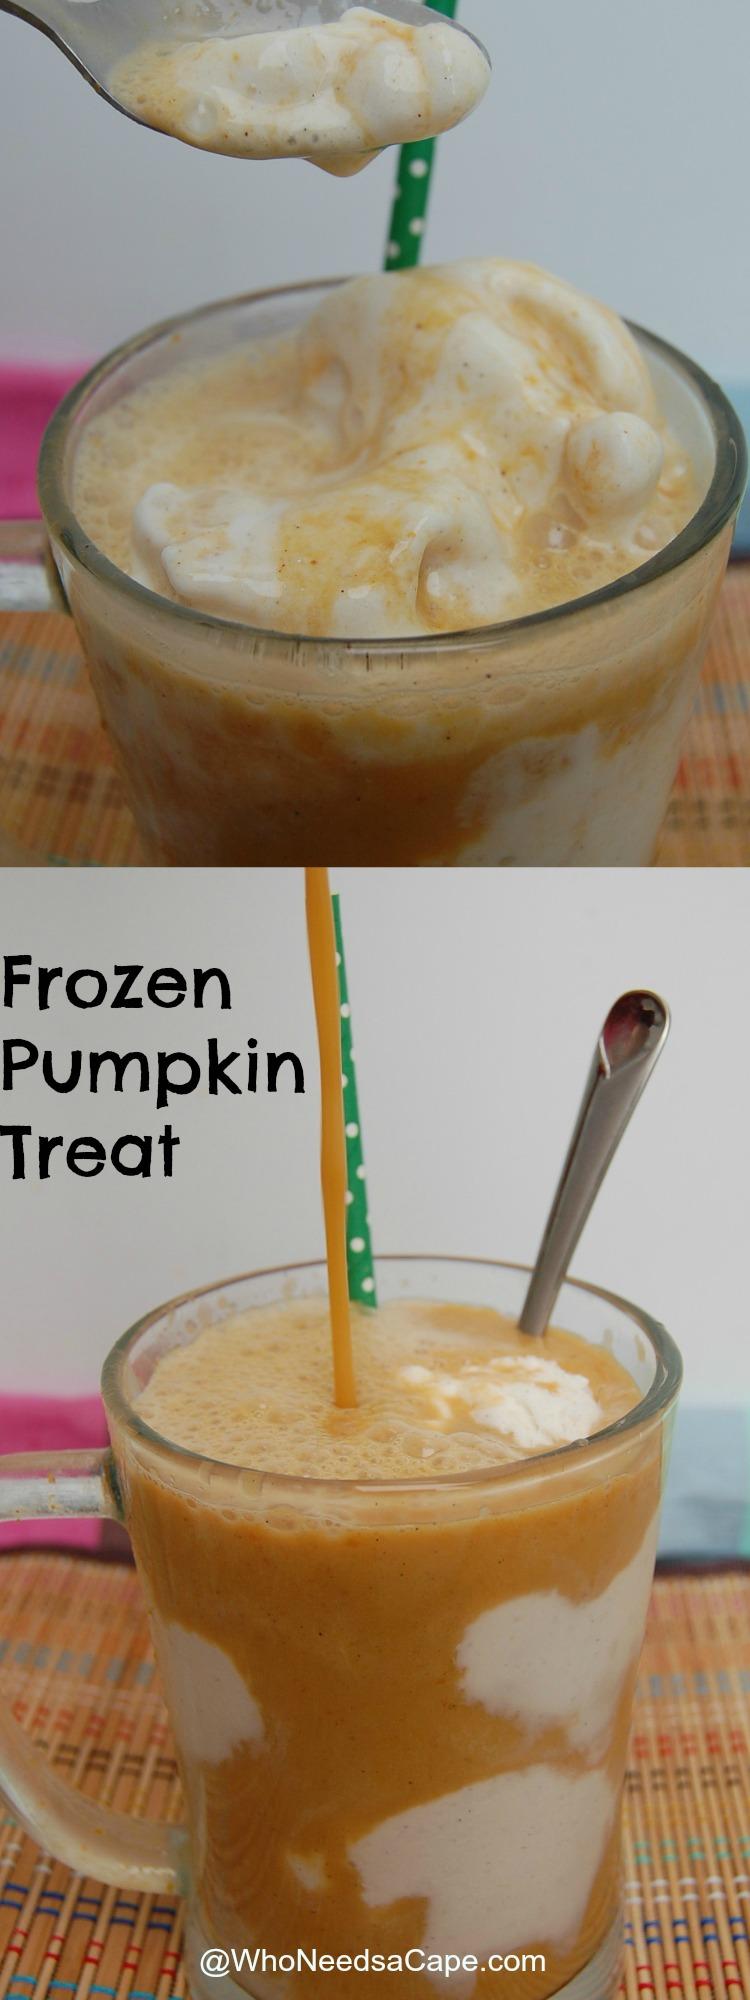 Frozen Pumpkin Treat long